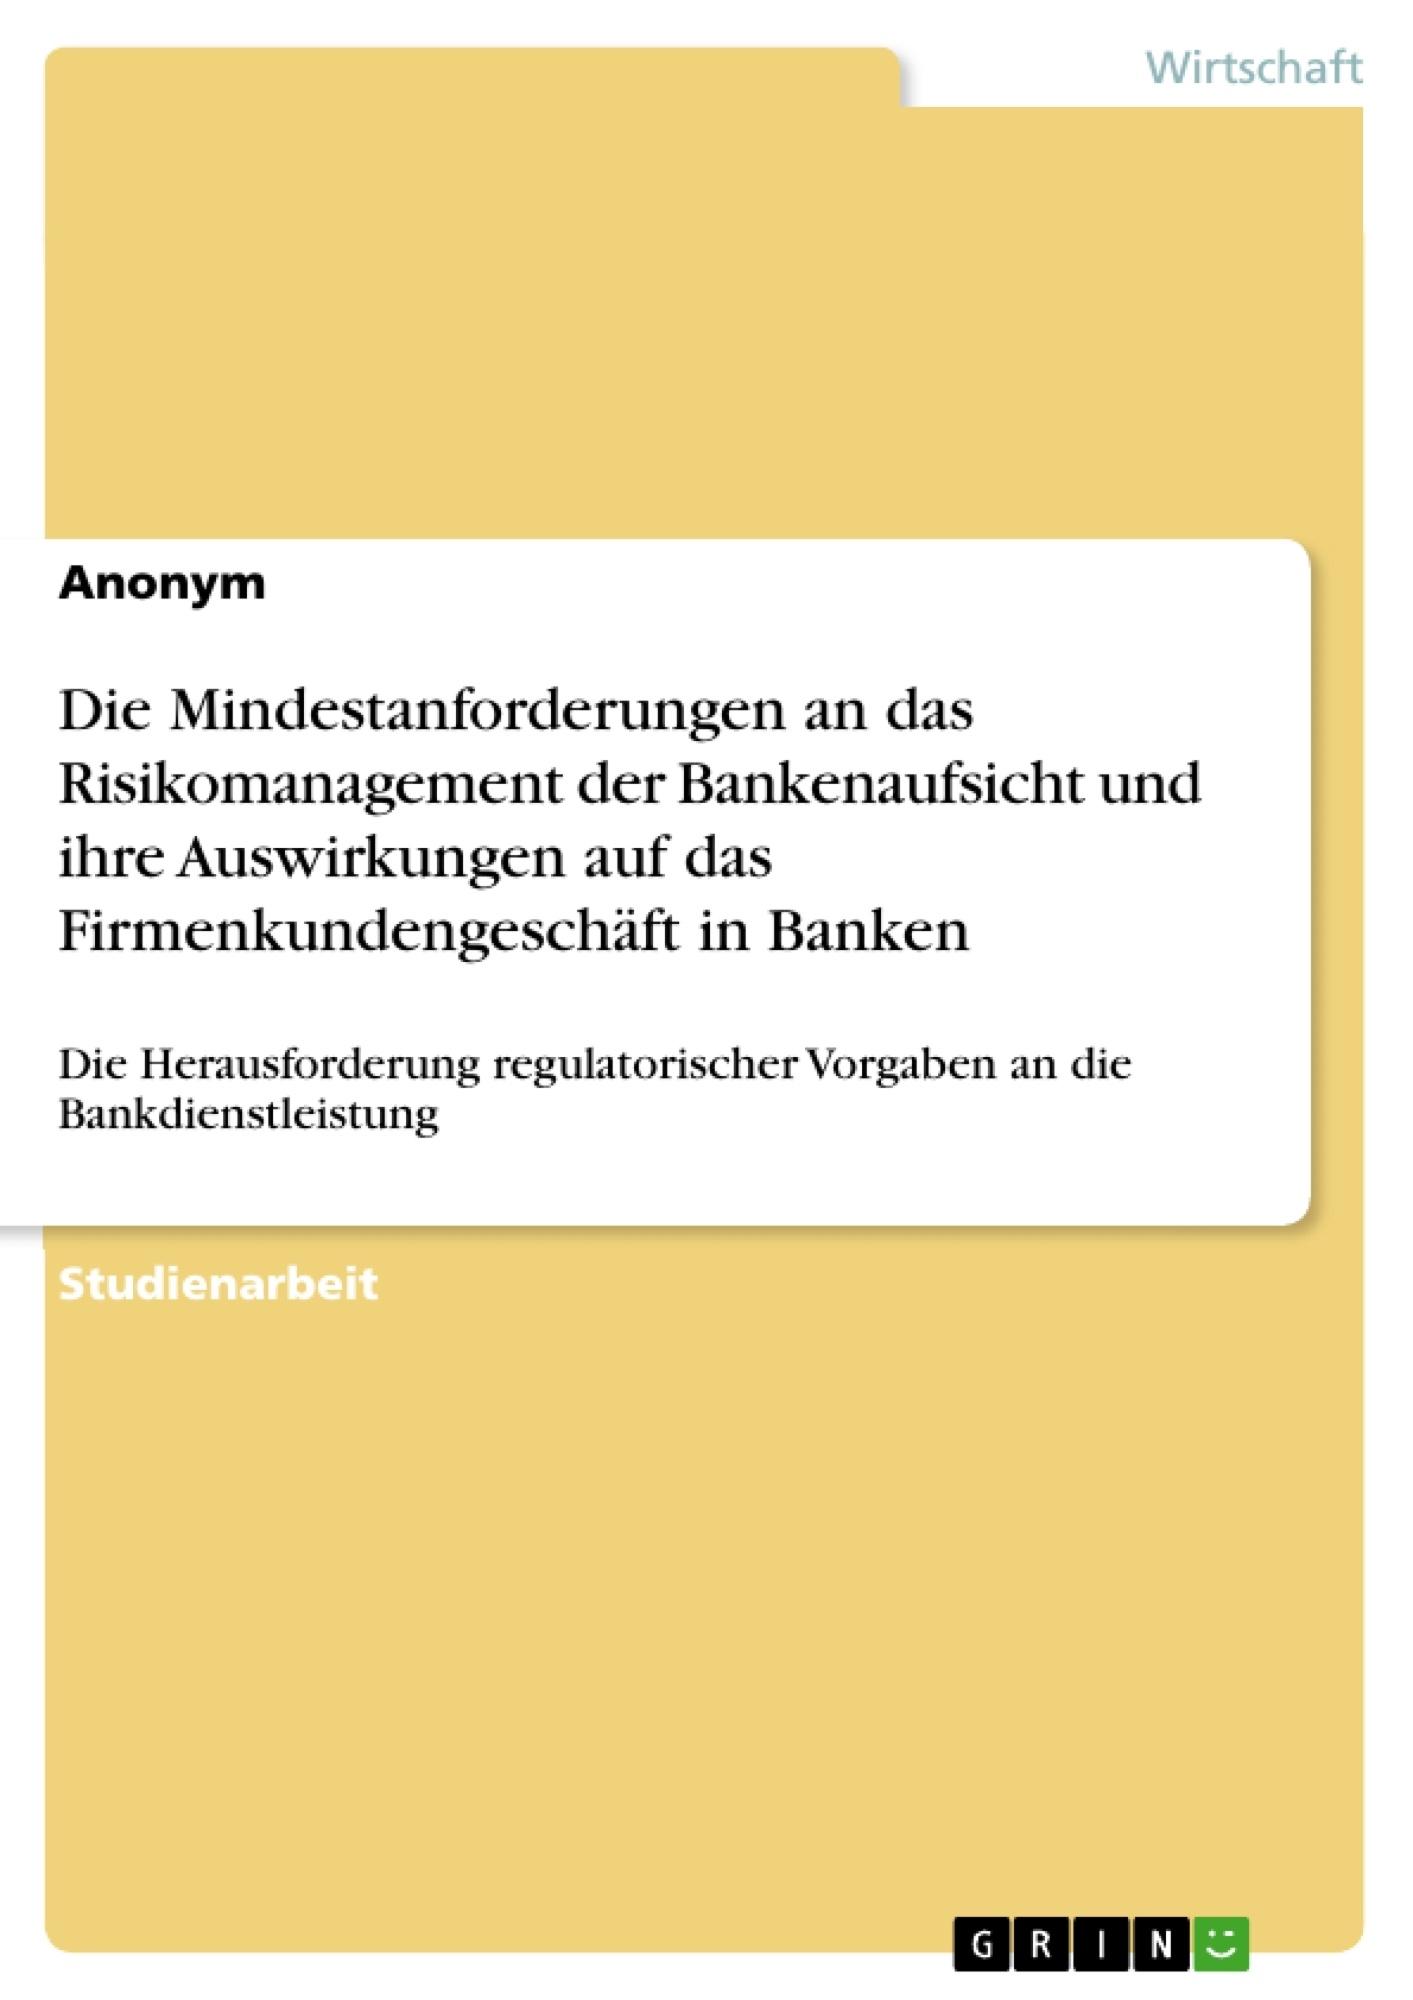 Titel: Die Mindestanforderungen an das Risikomanagement der Bankenaufsicht und ihre Auswirkungen auf das Firmenkundengeschäft in Banken